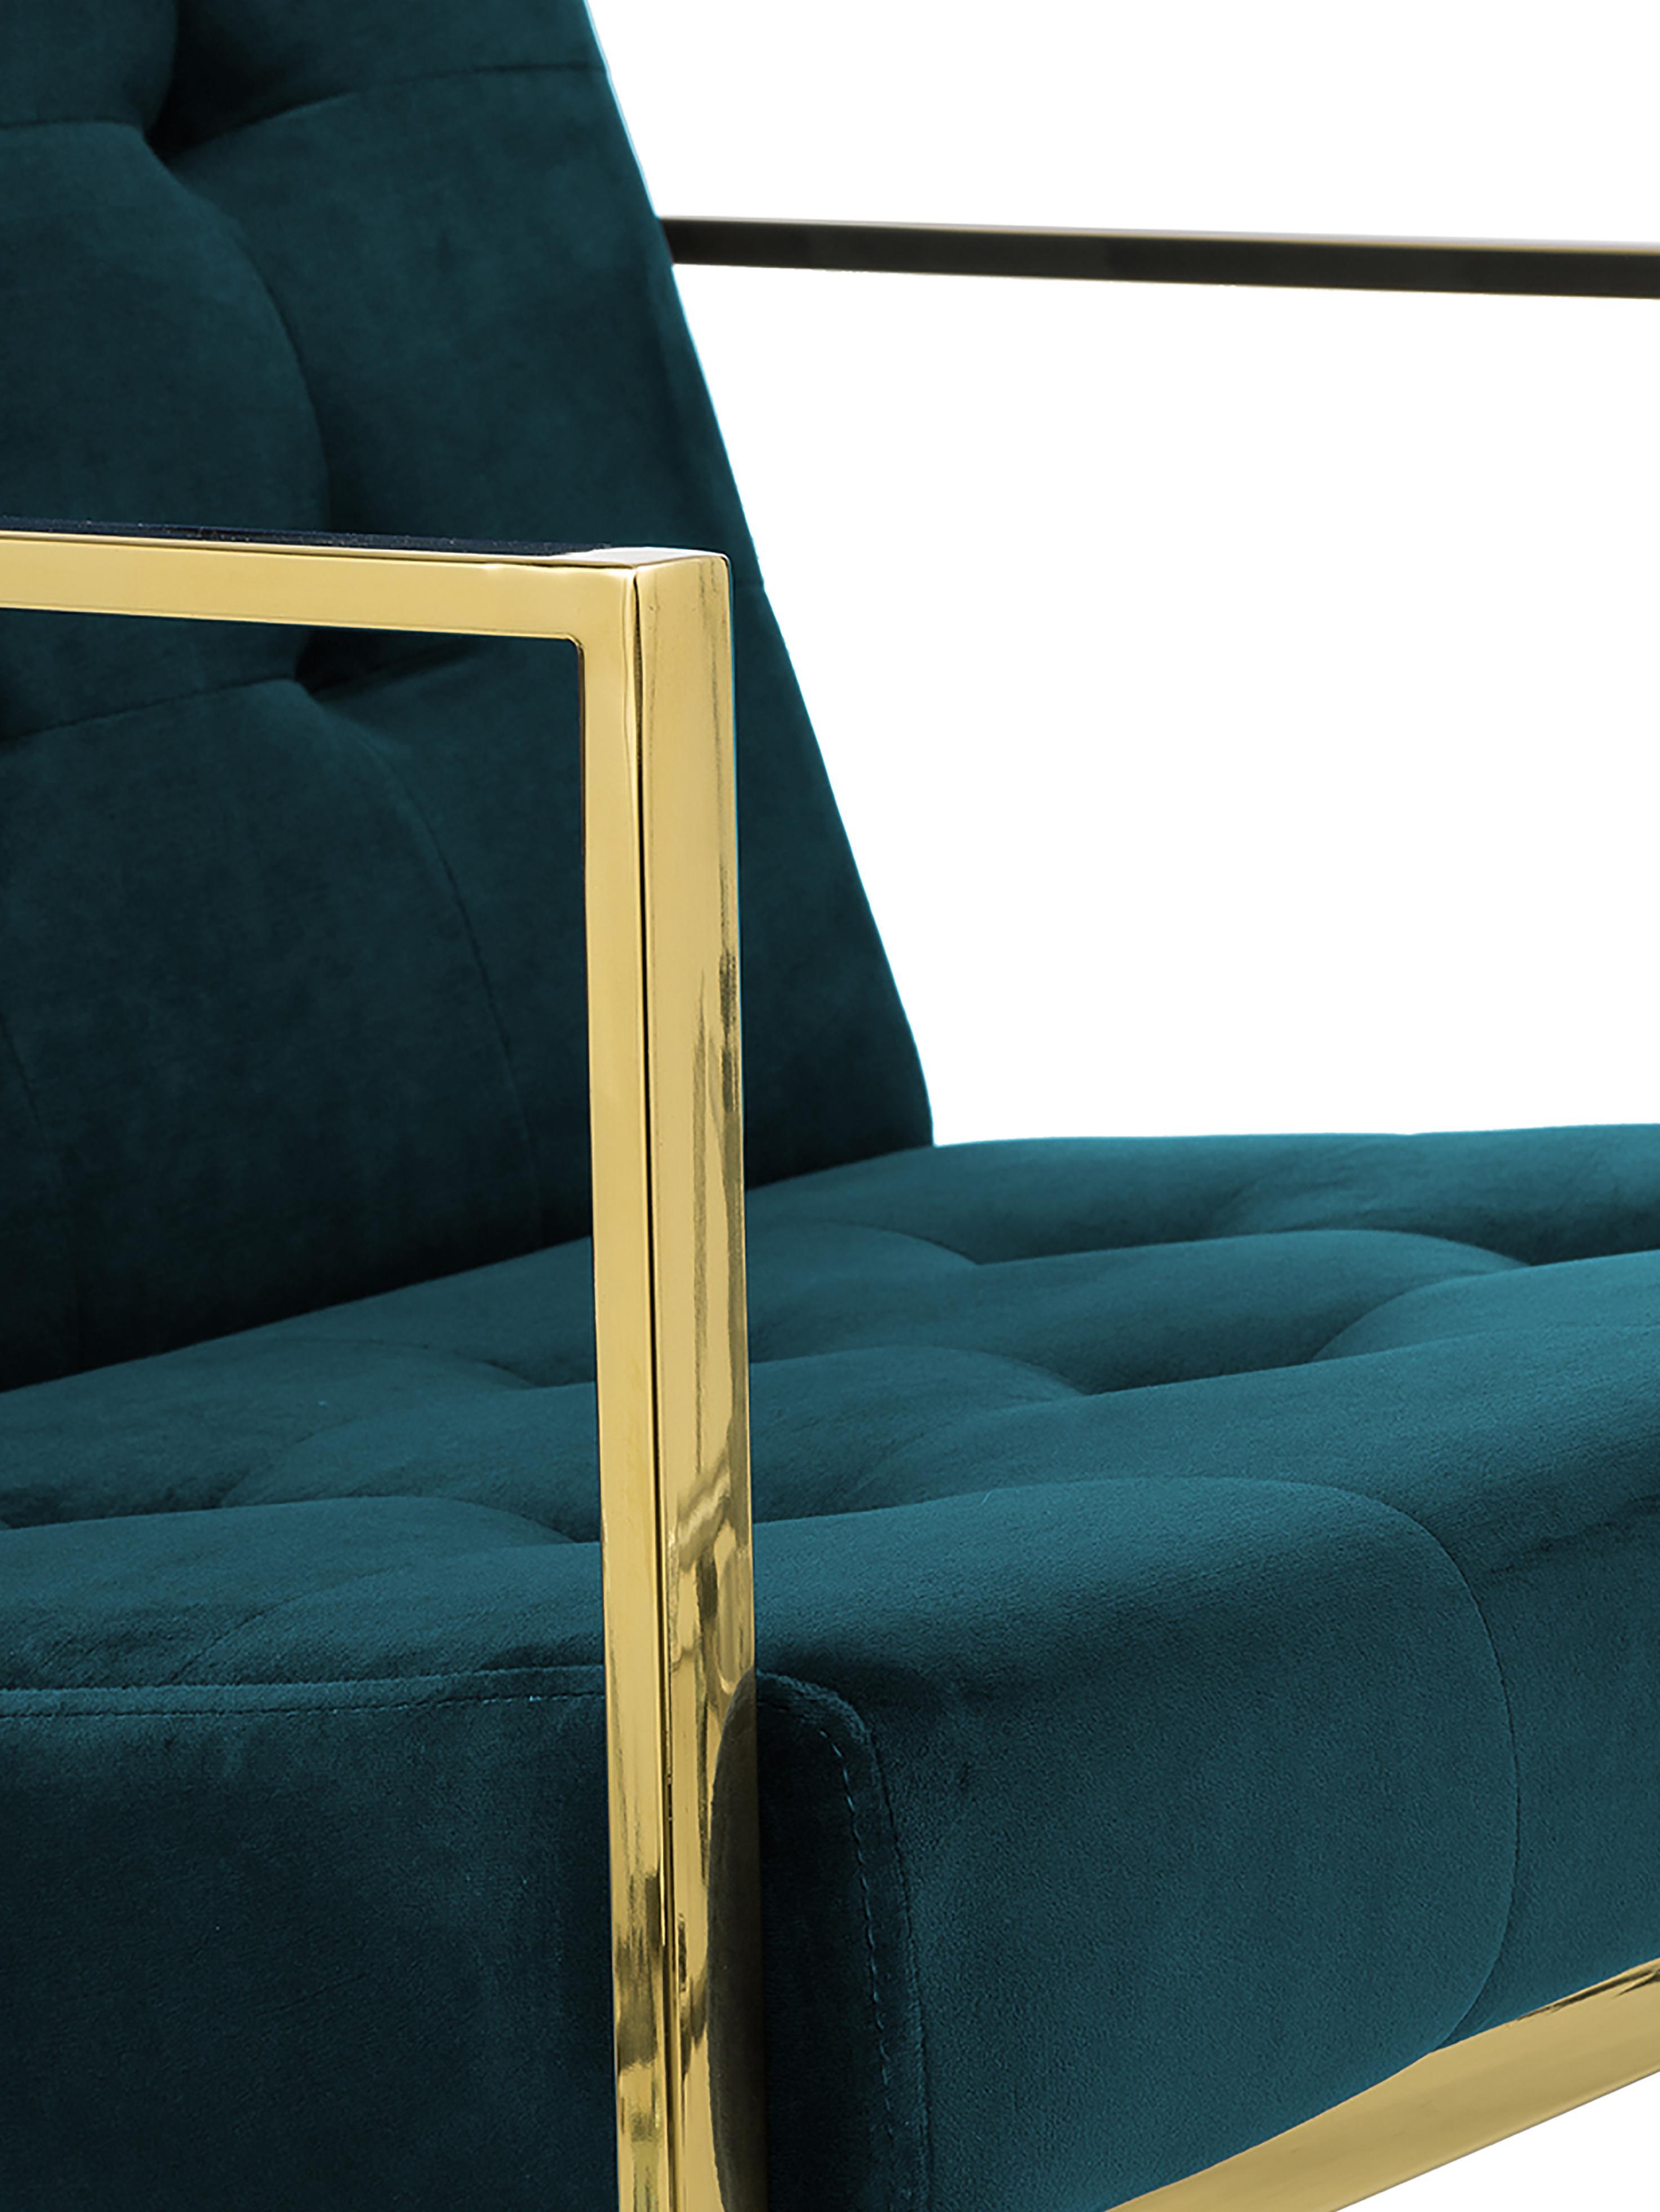 Samt-Loungesessel Manhattan in Petrol, Bezug: Samt (Polyester), Gestell: Metall, beschichtet, Samt Petrolblau, B 70 x T 72 cm